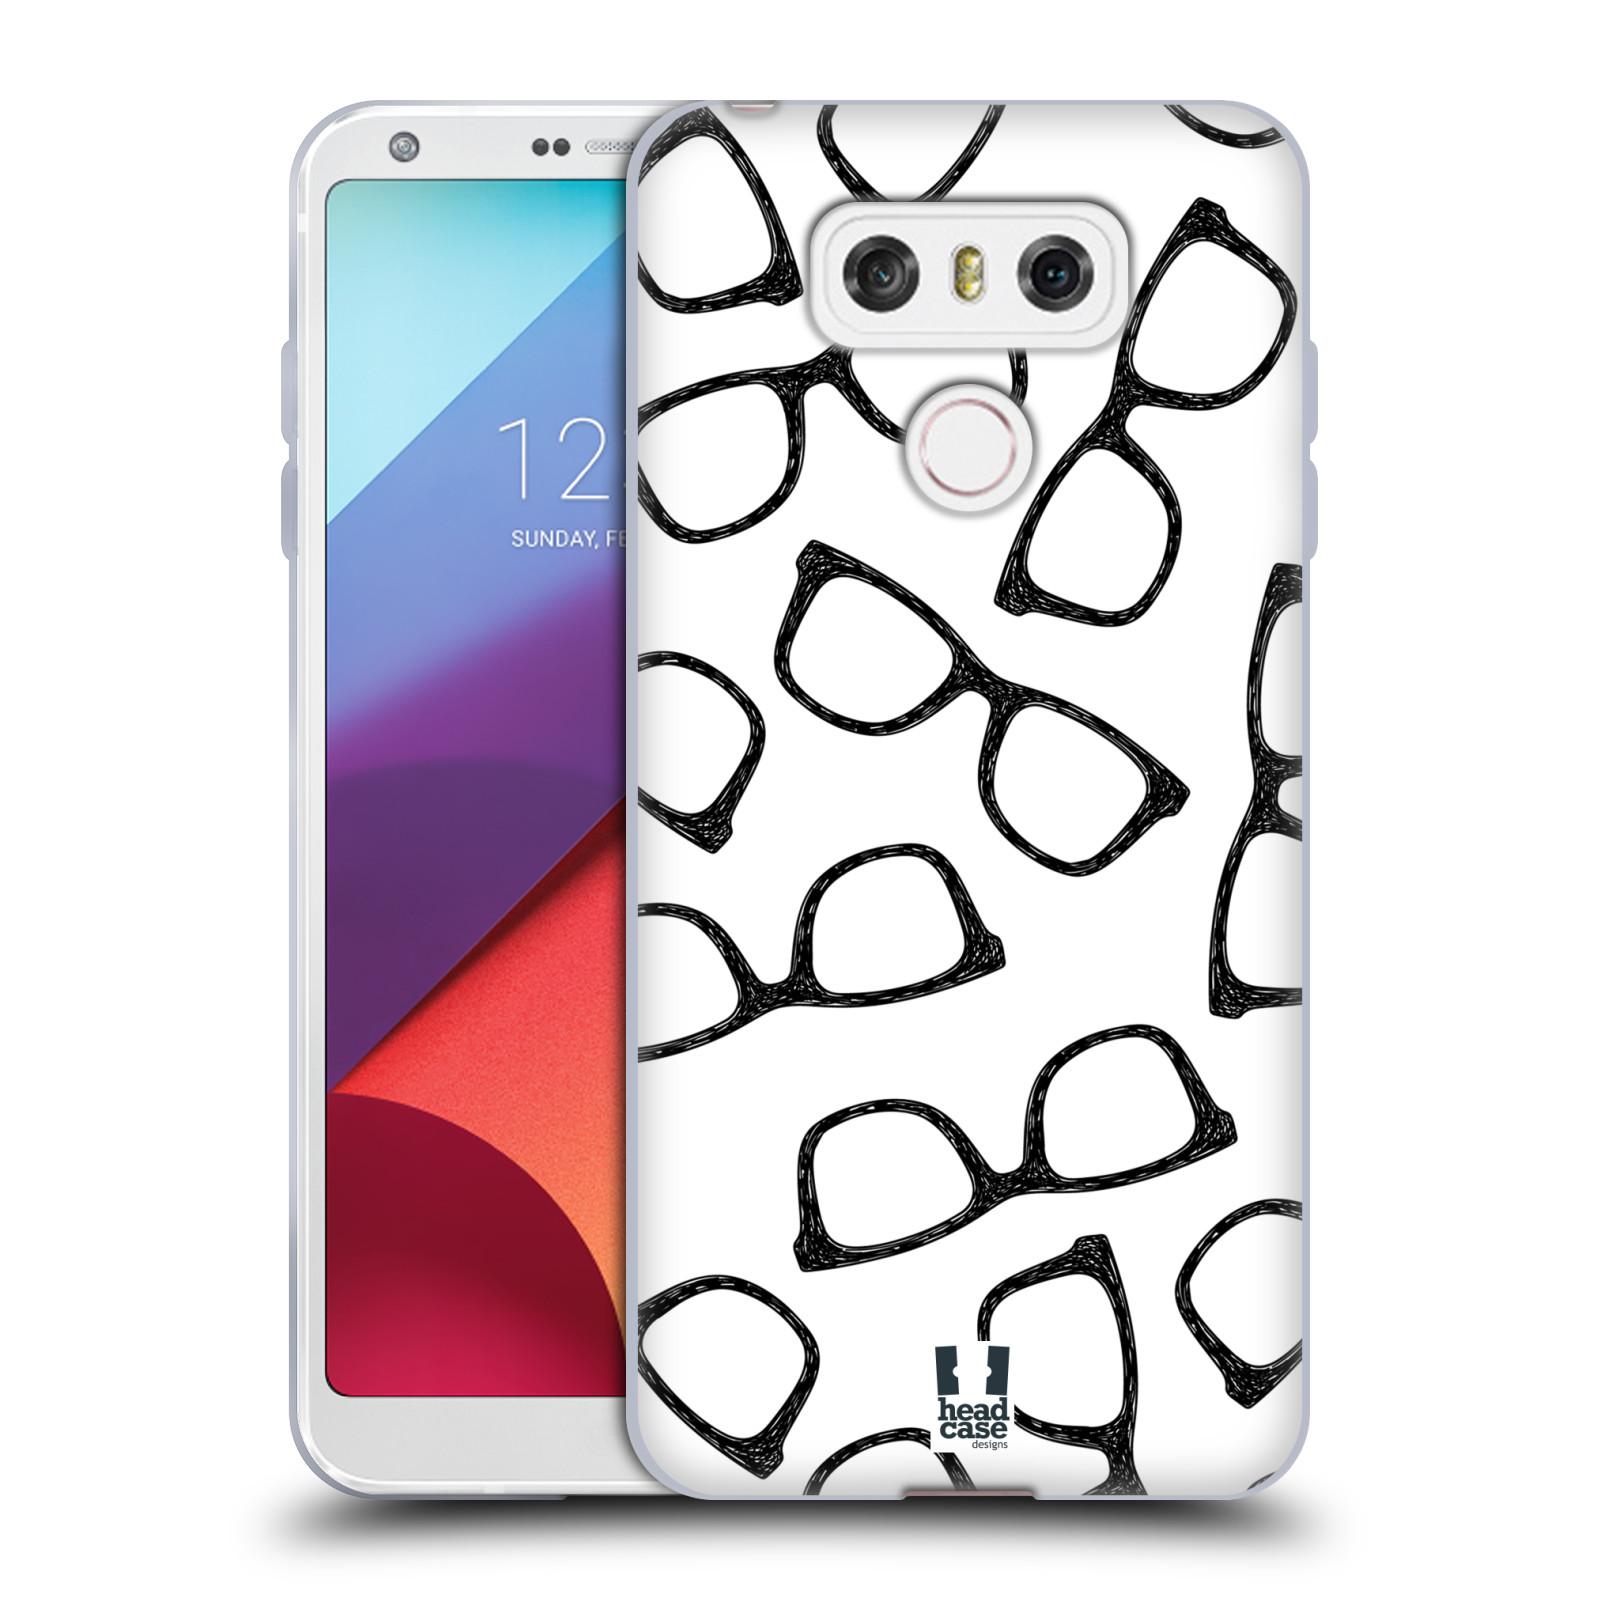 Silikonové pouzdro na mobil LG G6 - Head Case HIPSTER BRÝLE (Silikonový kryt či obal na mobilní telefon LG G6 H870 / LG G6 Dual SIM H870DS)